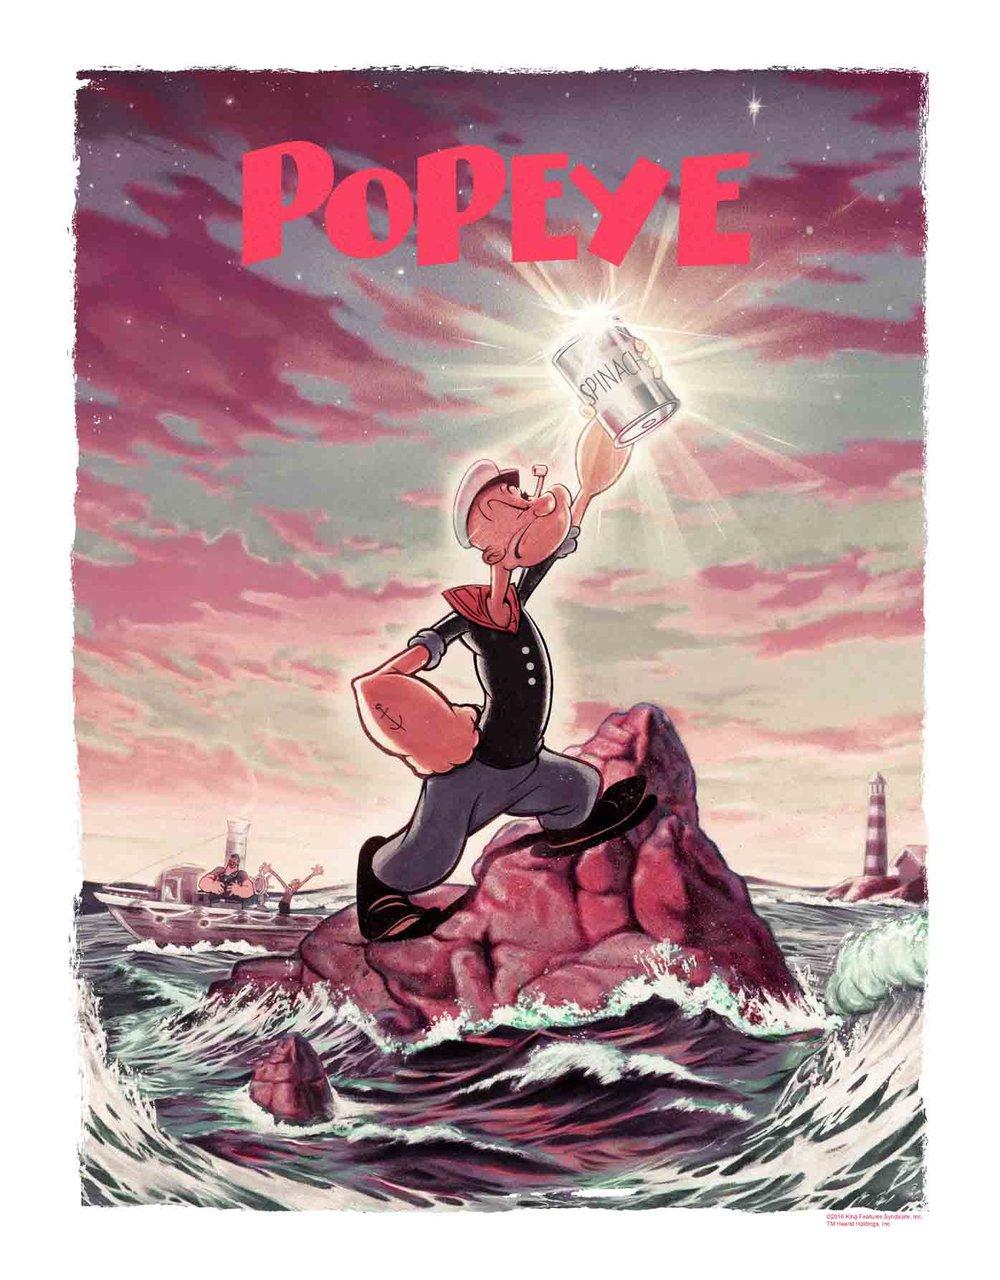 Popeye+Red+John+Keaveney+Bottleneck+Gallery.jpg